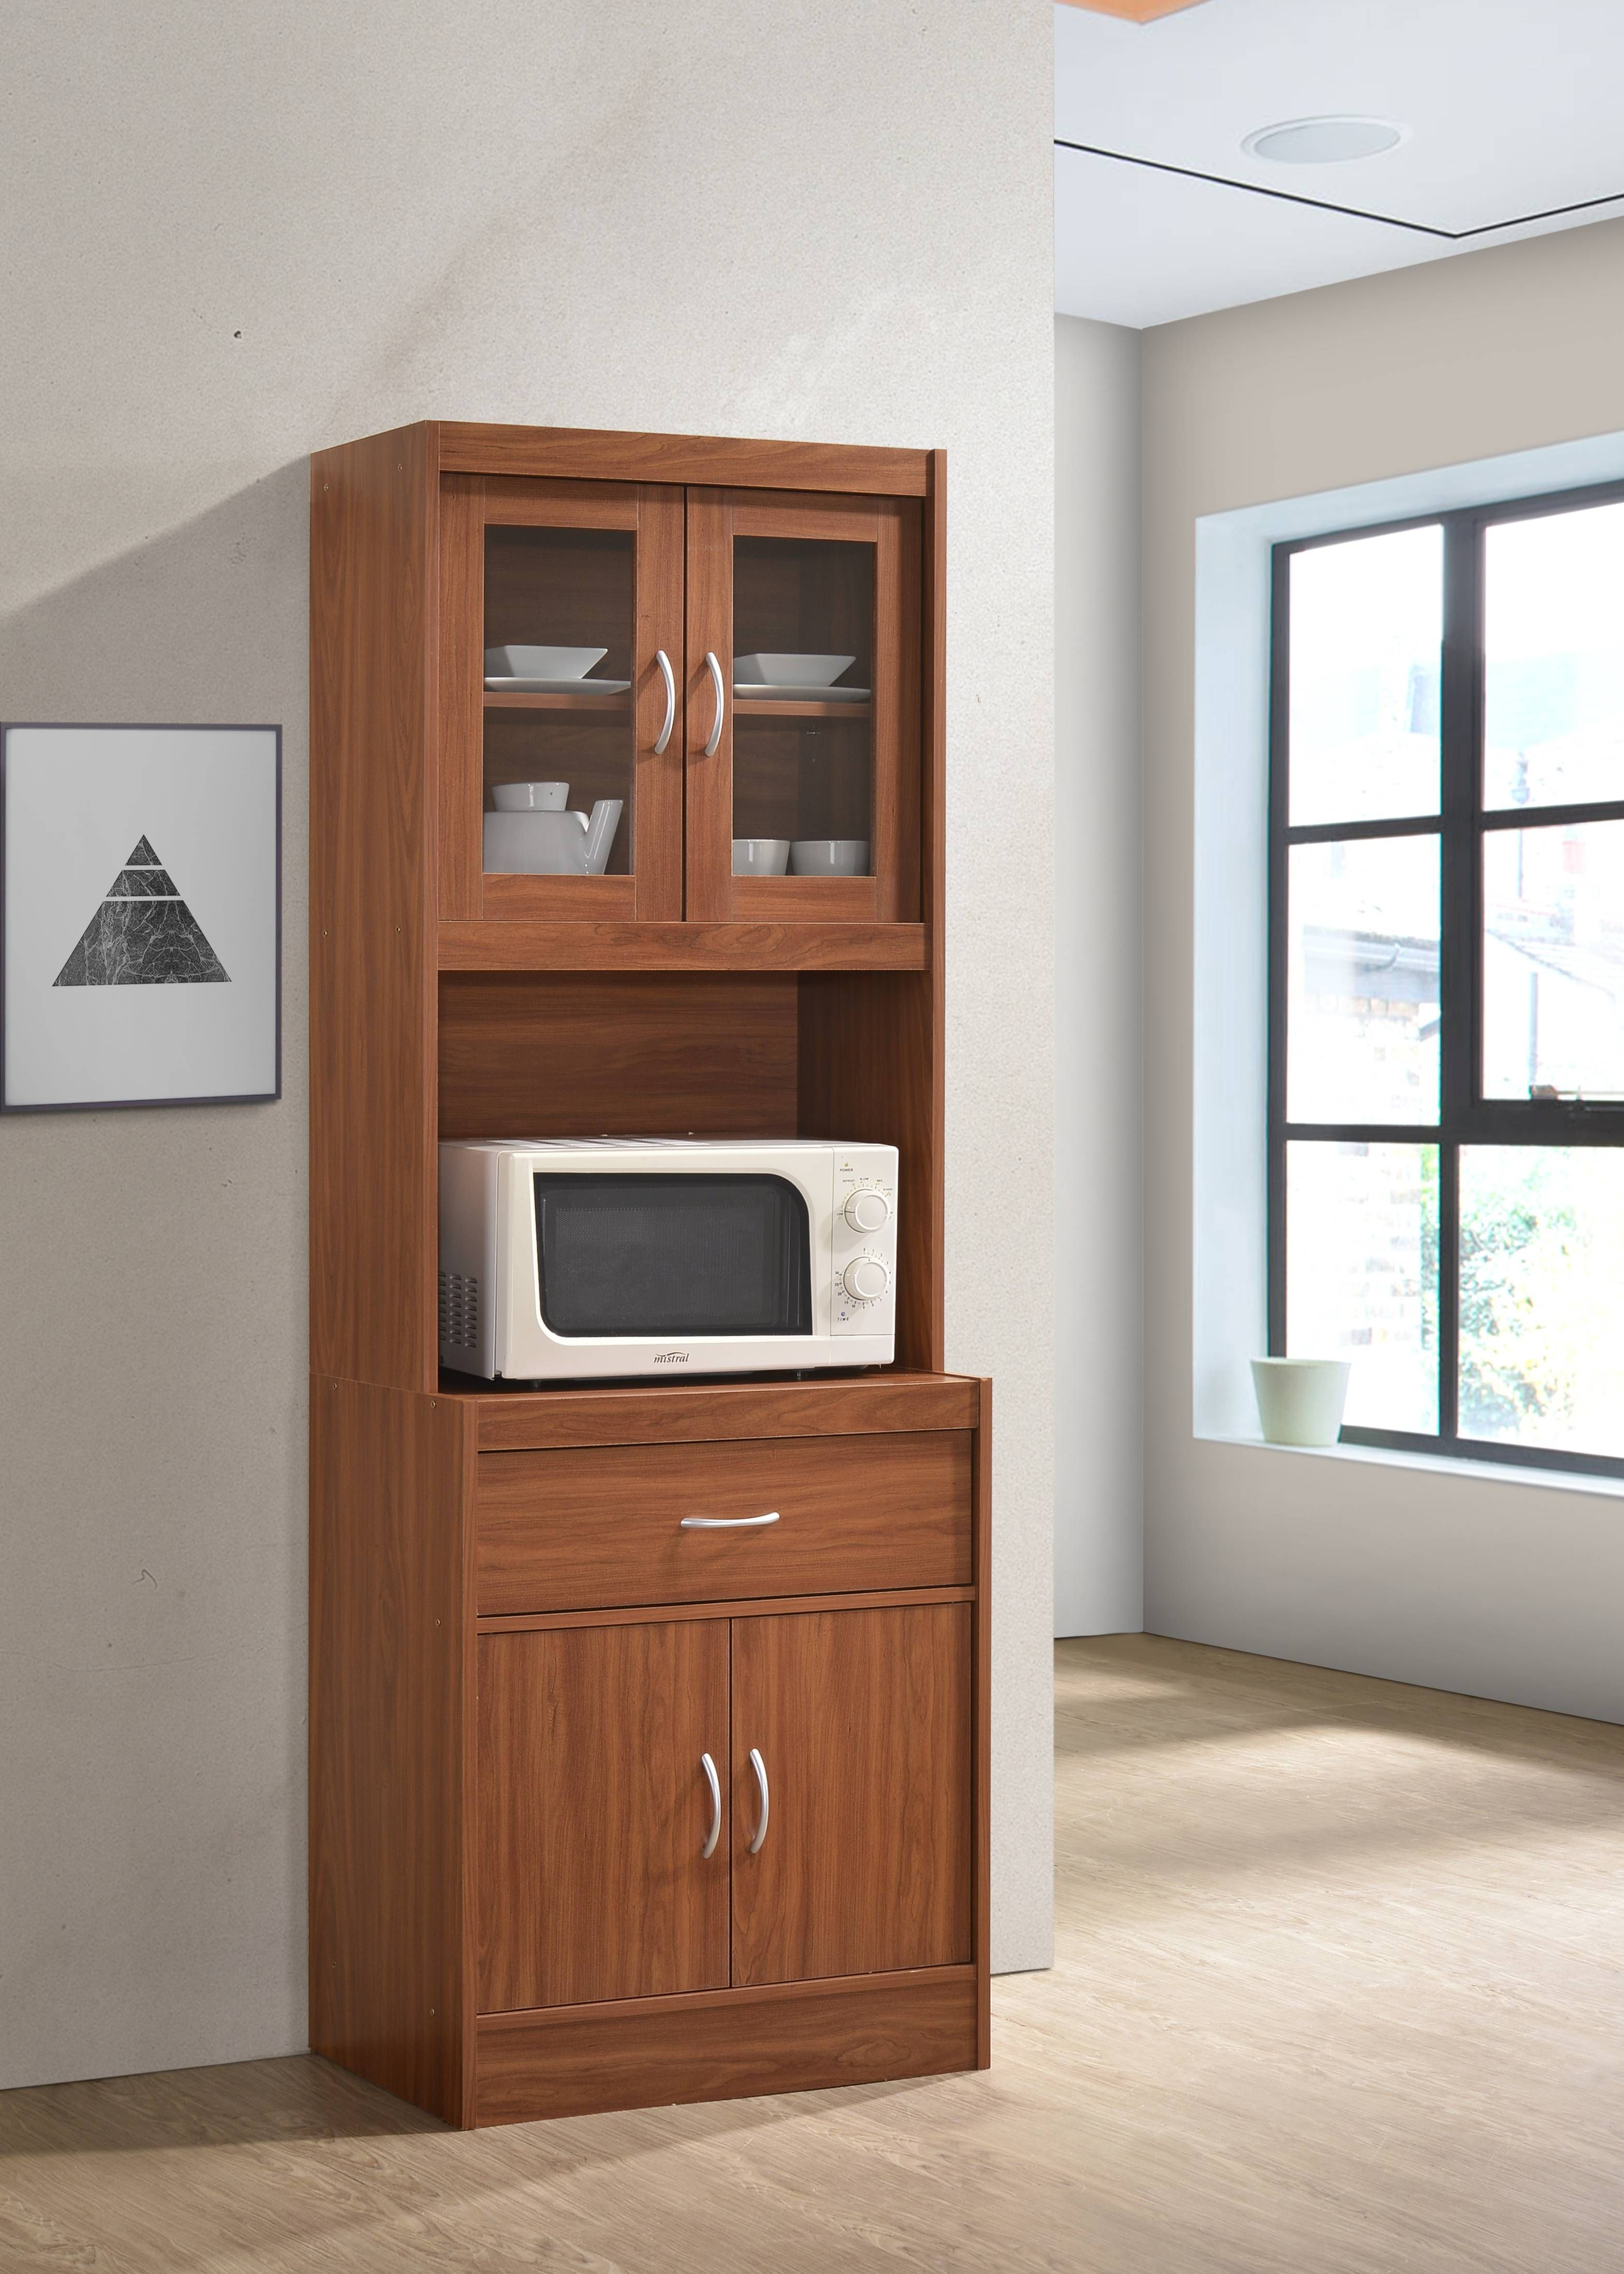 Hodedah Modern Kitchen Cabinet Cherry Walmart Com In 2020 Modern Kitchen Cabinets Modern Kitchen Kitchen Cabinets